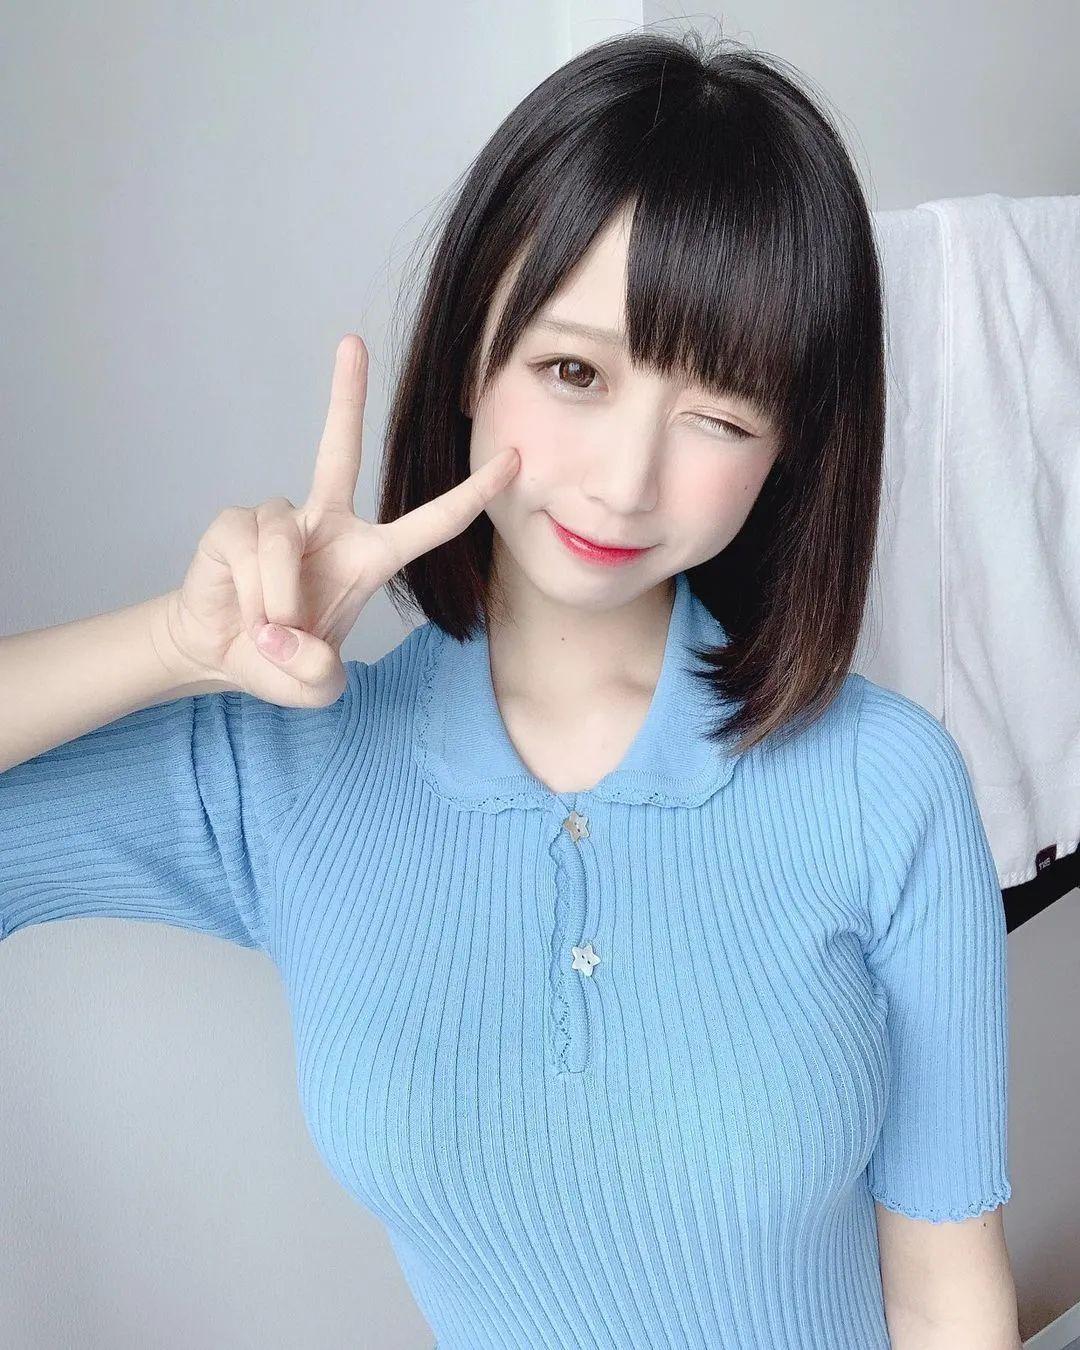 yami小姐姐